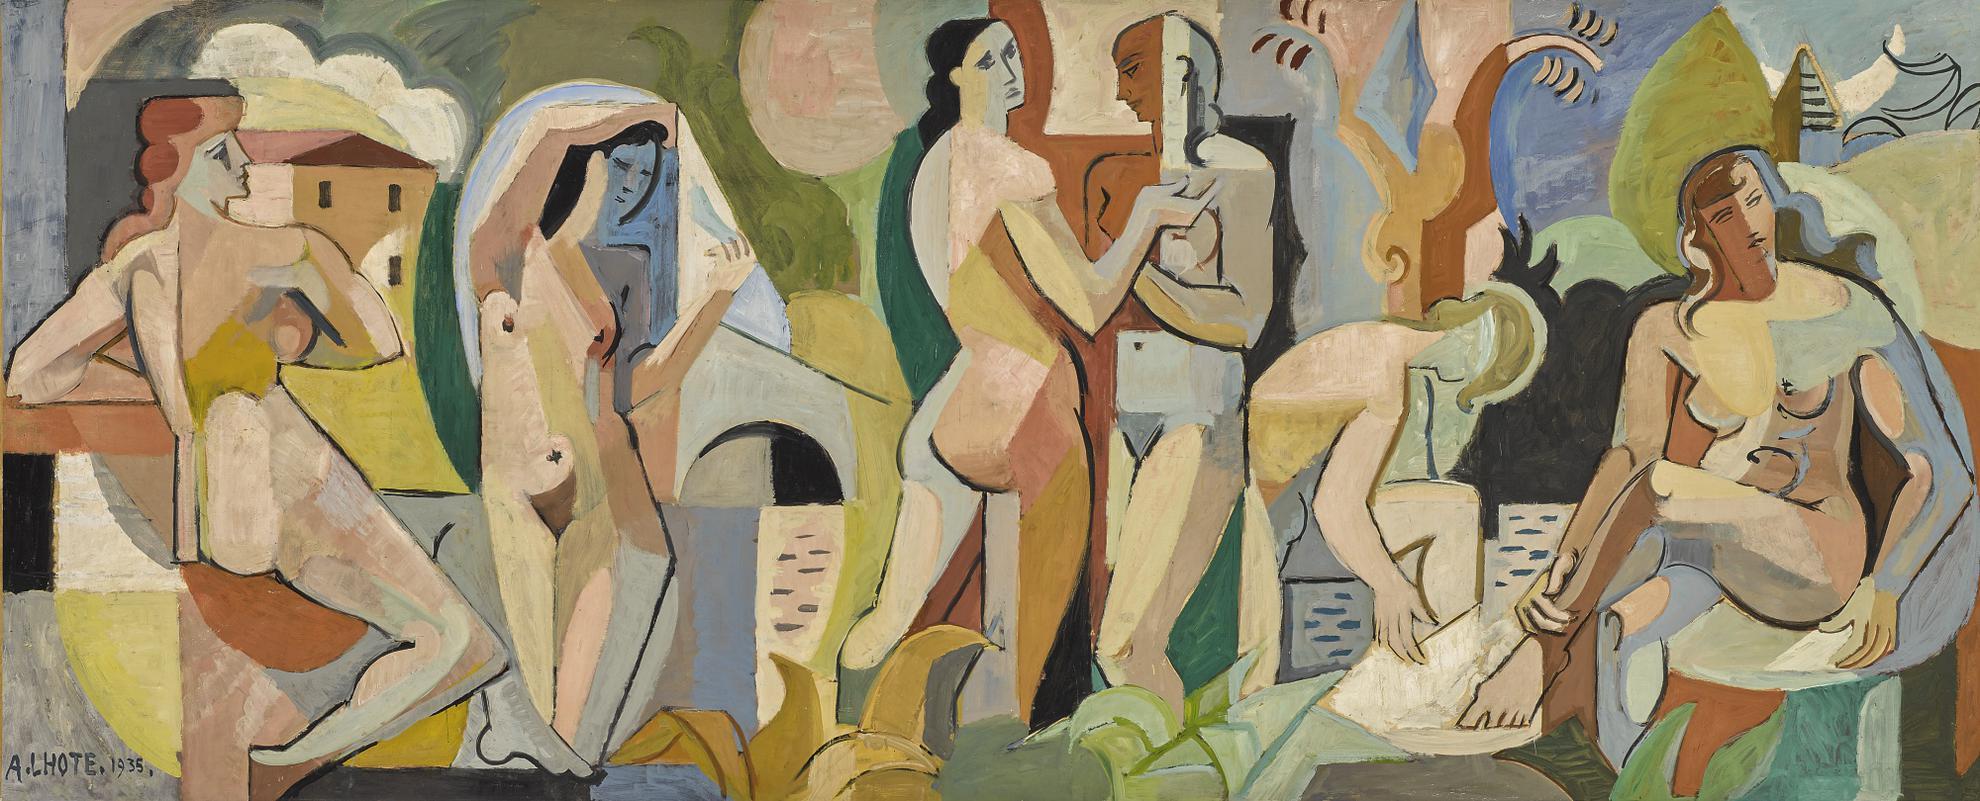 Andre Lhote-Les Baigneuses A Thonon-1935